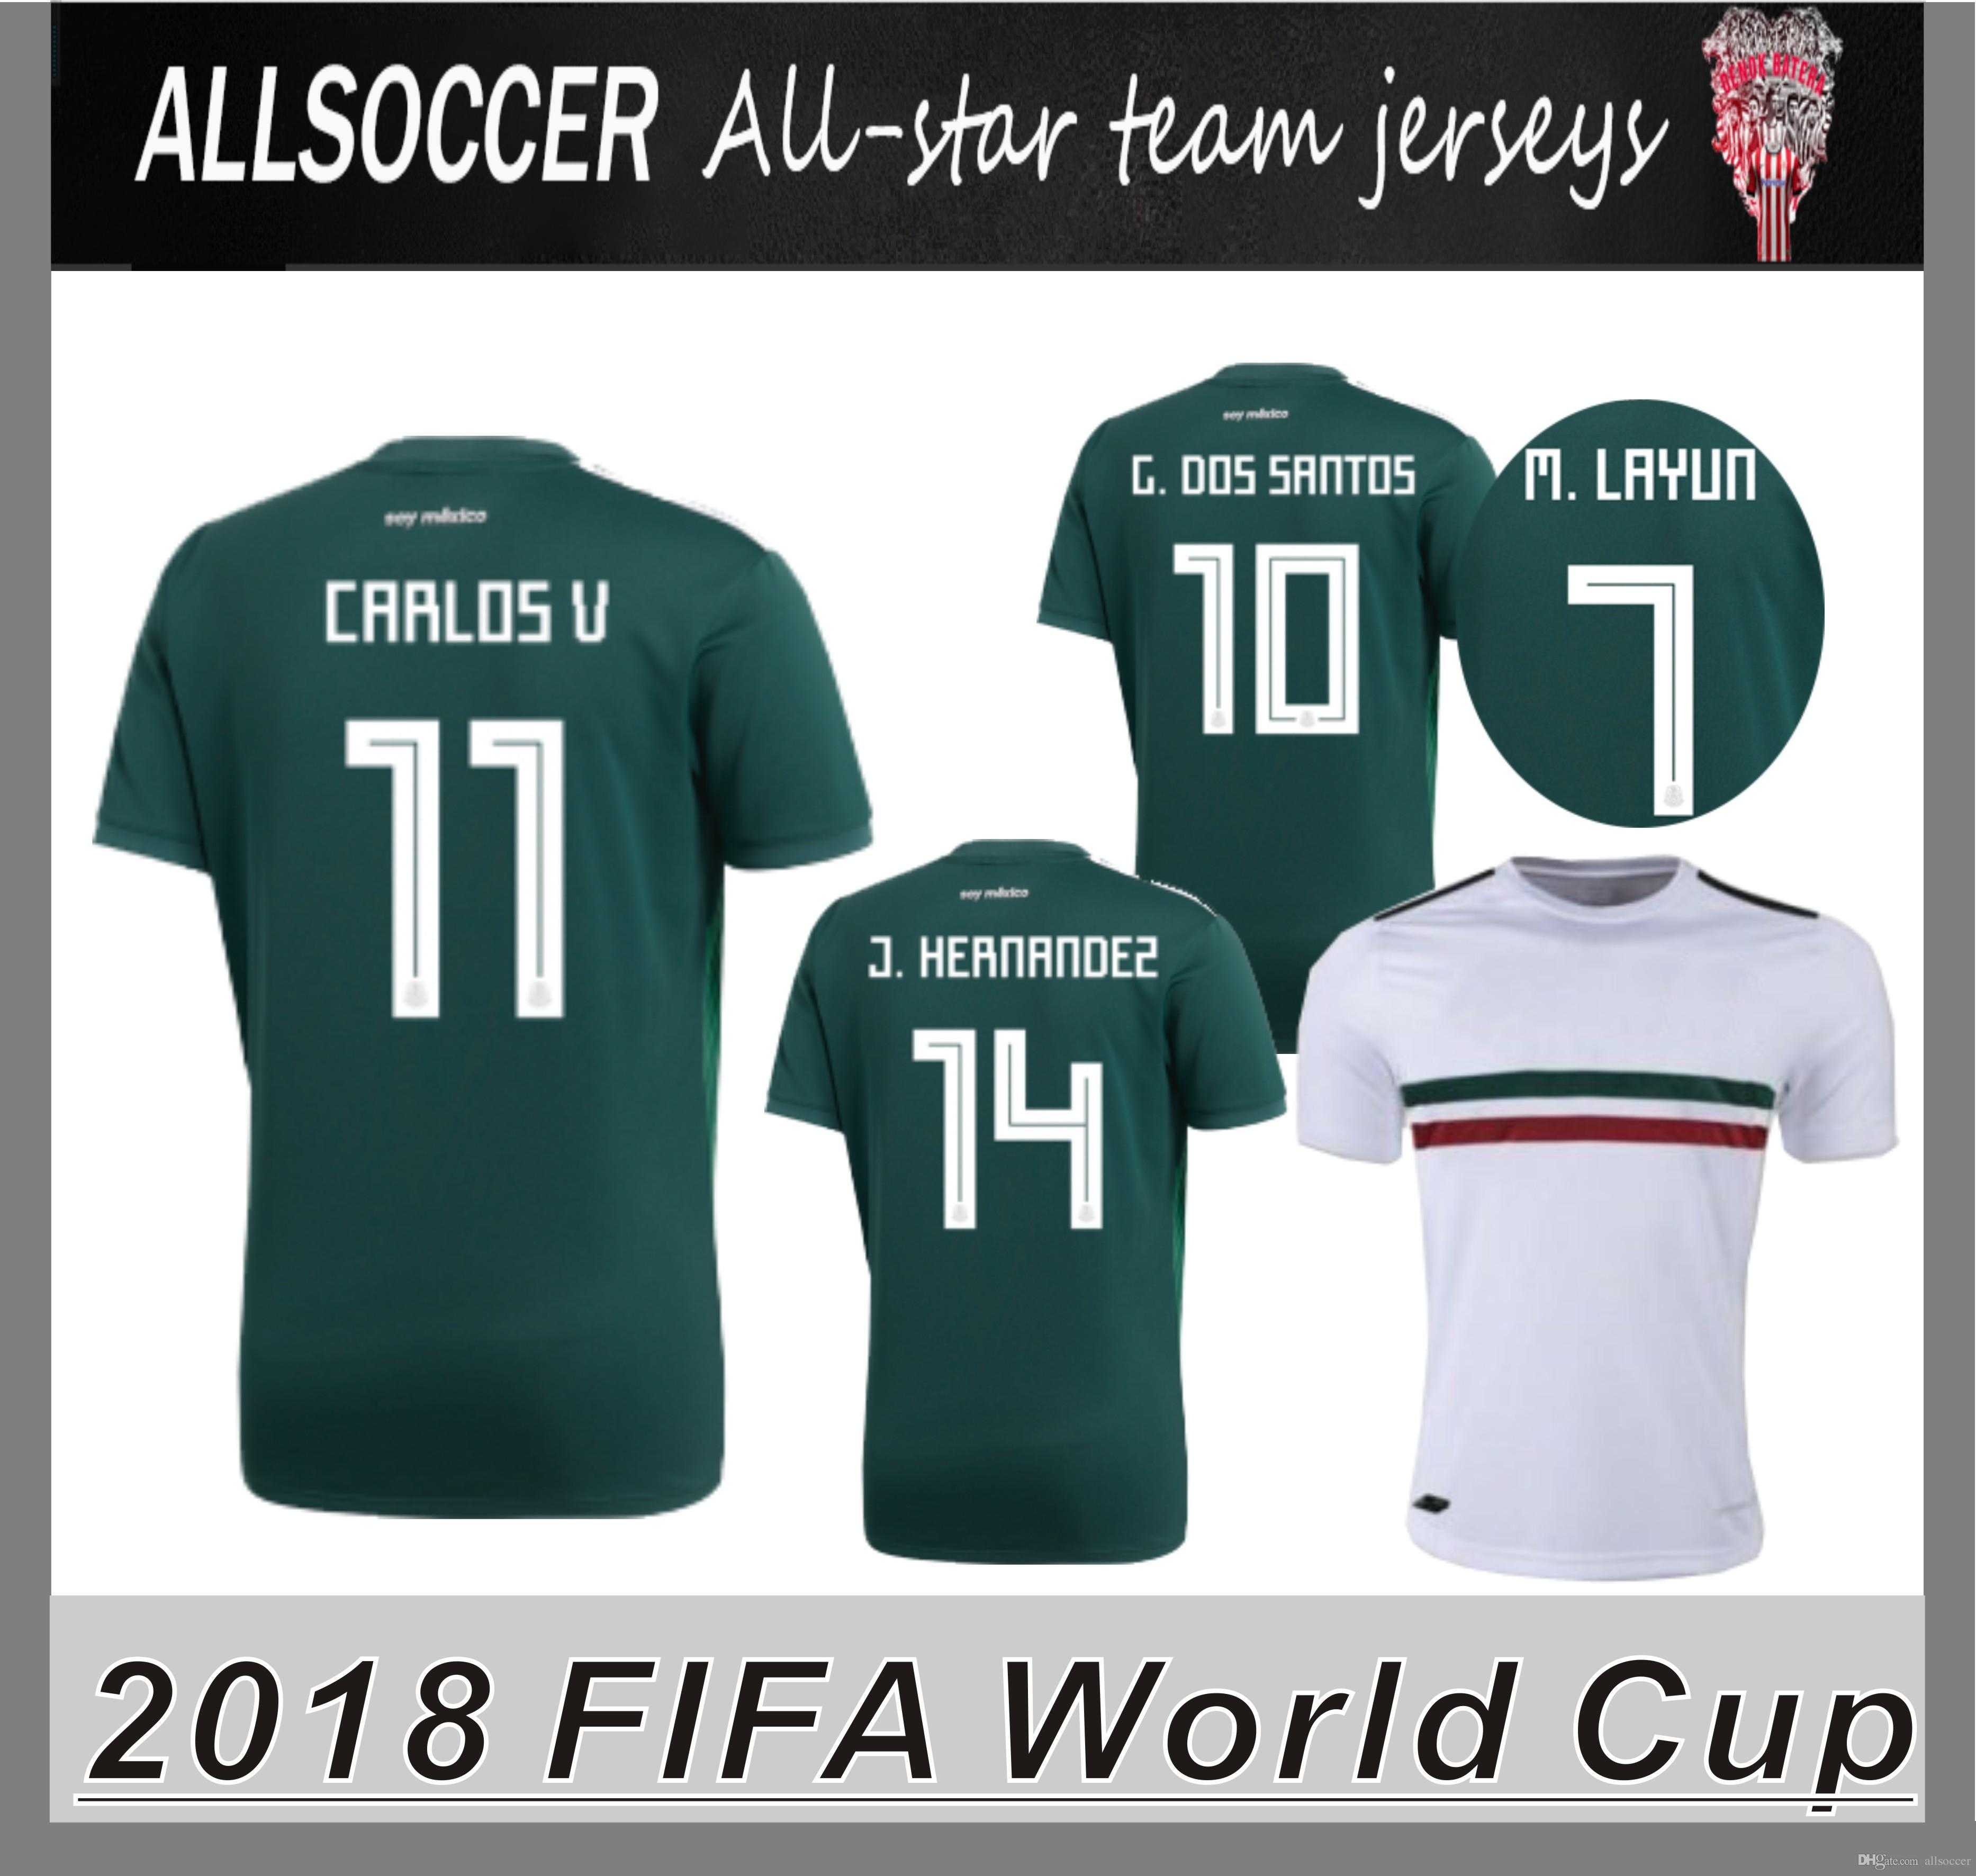 f82de5c4035 2019 TOP QUALITY 2018 World Cup Jerseys Mexico SOCCER JERSEYS MARQUEZ  Chicharito Miguel Layun Hector Herrera Giovani Dos Santos Carlos Vela From  Allsoccer, ...